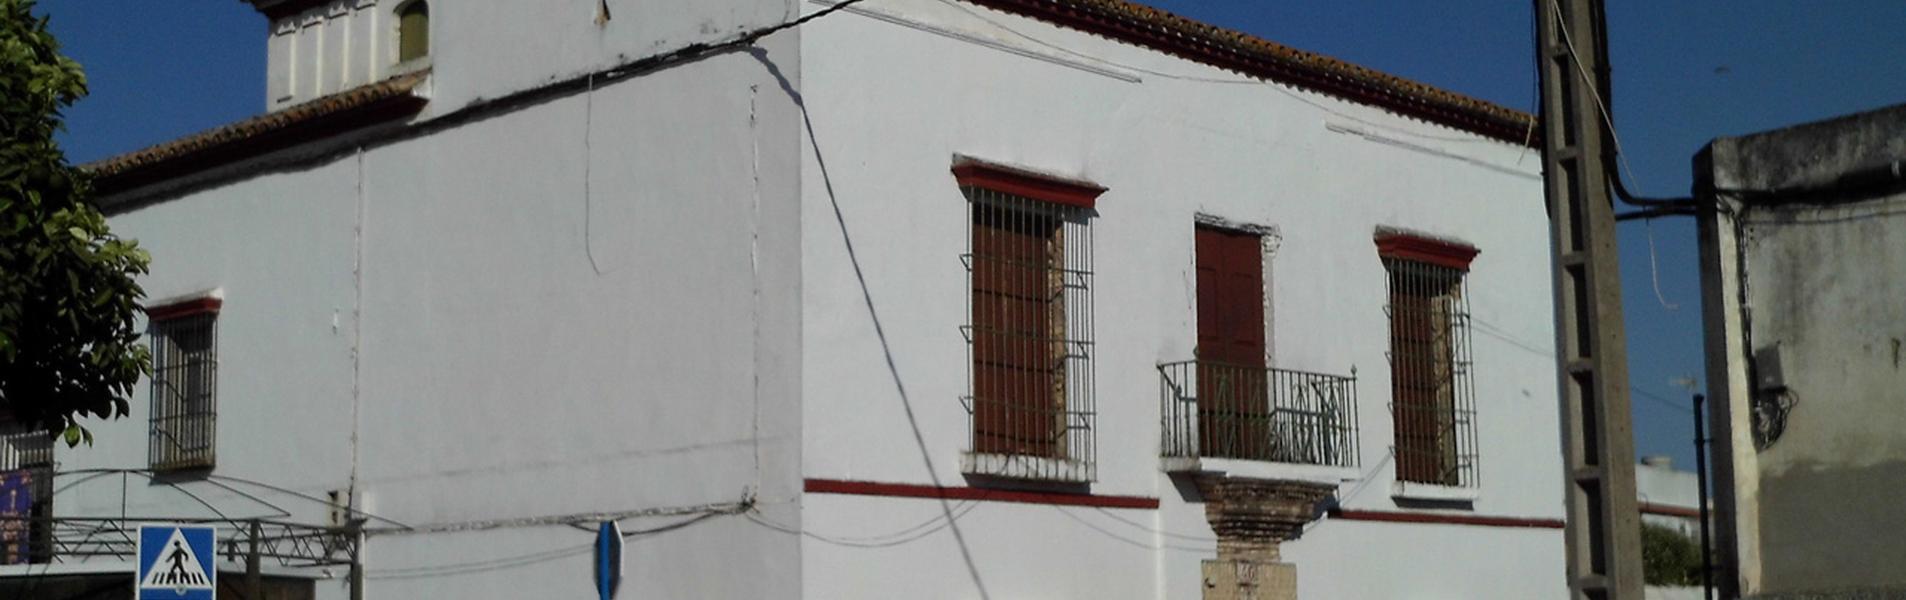 Mairena del Aljarafe